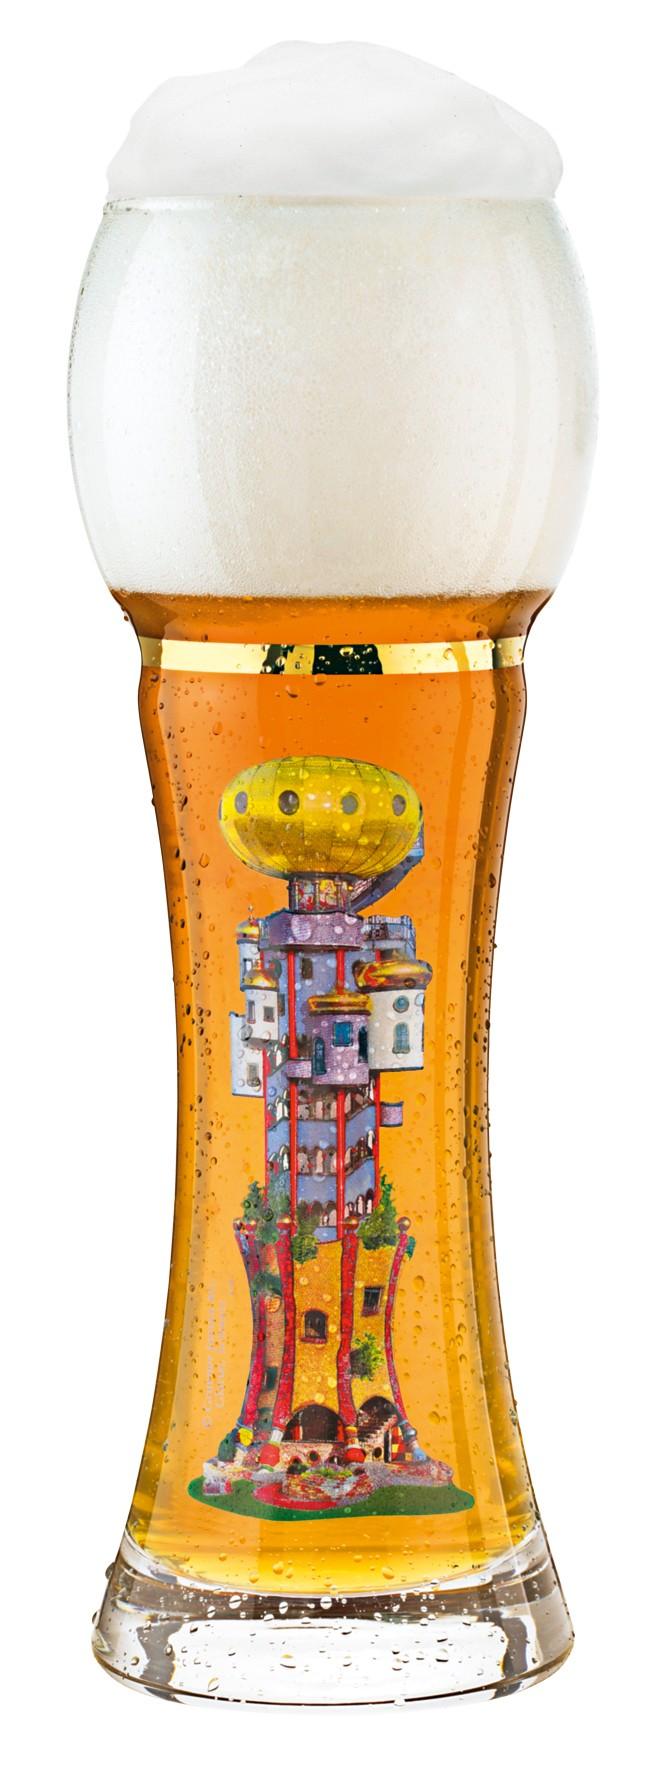 Kuchlbauer - Original Turmweisse Glas